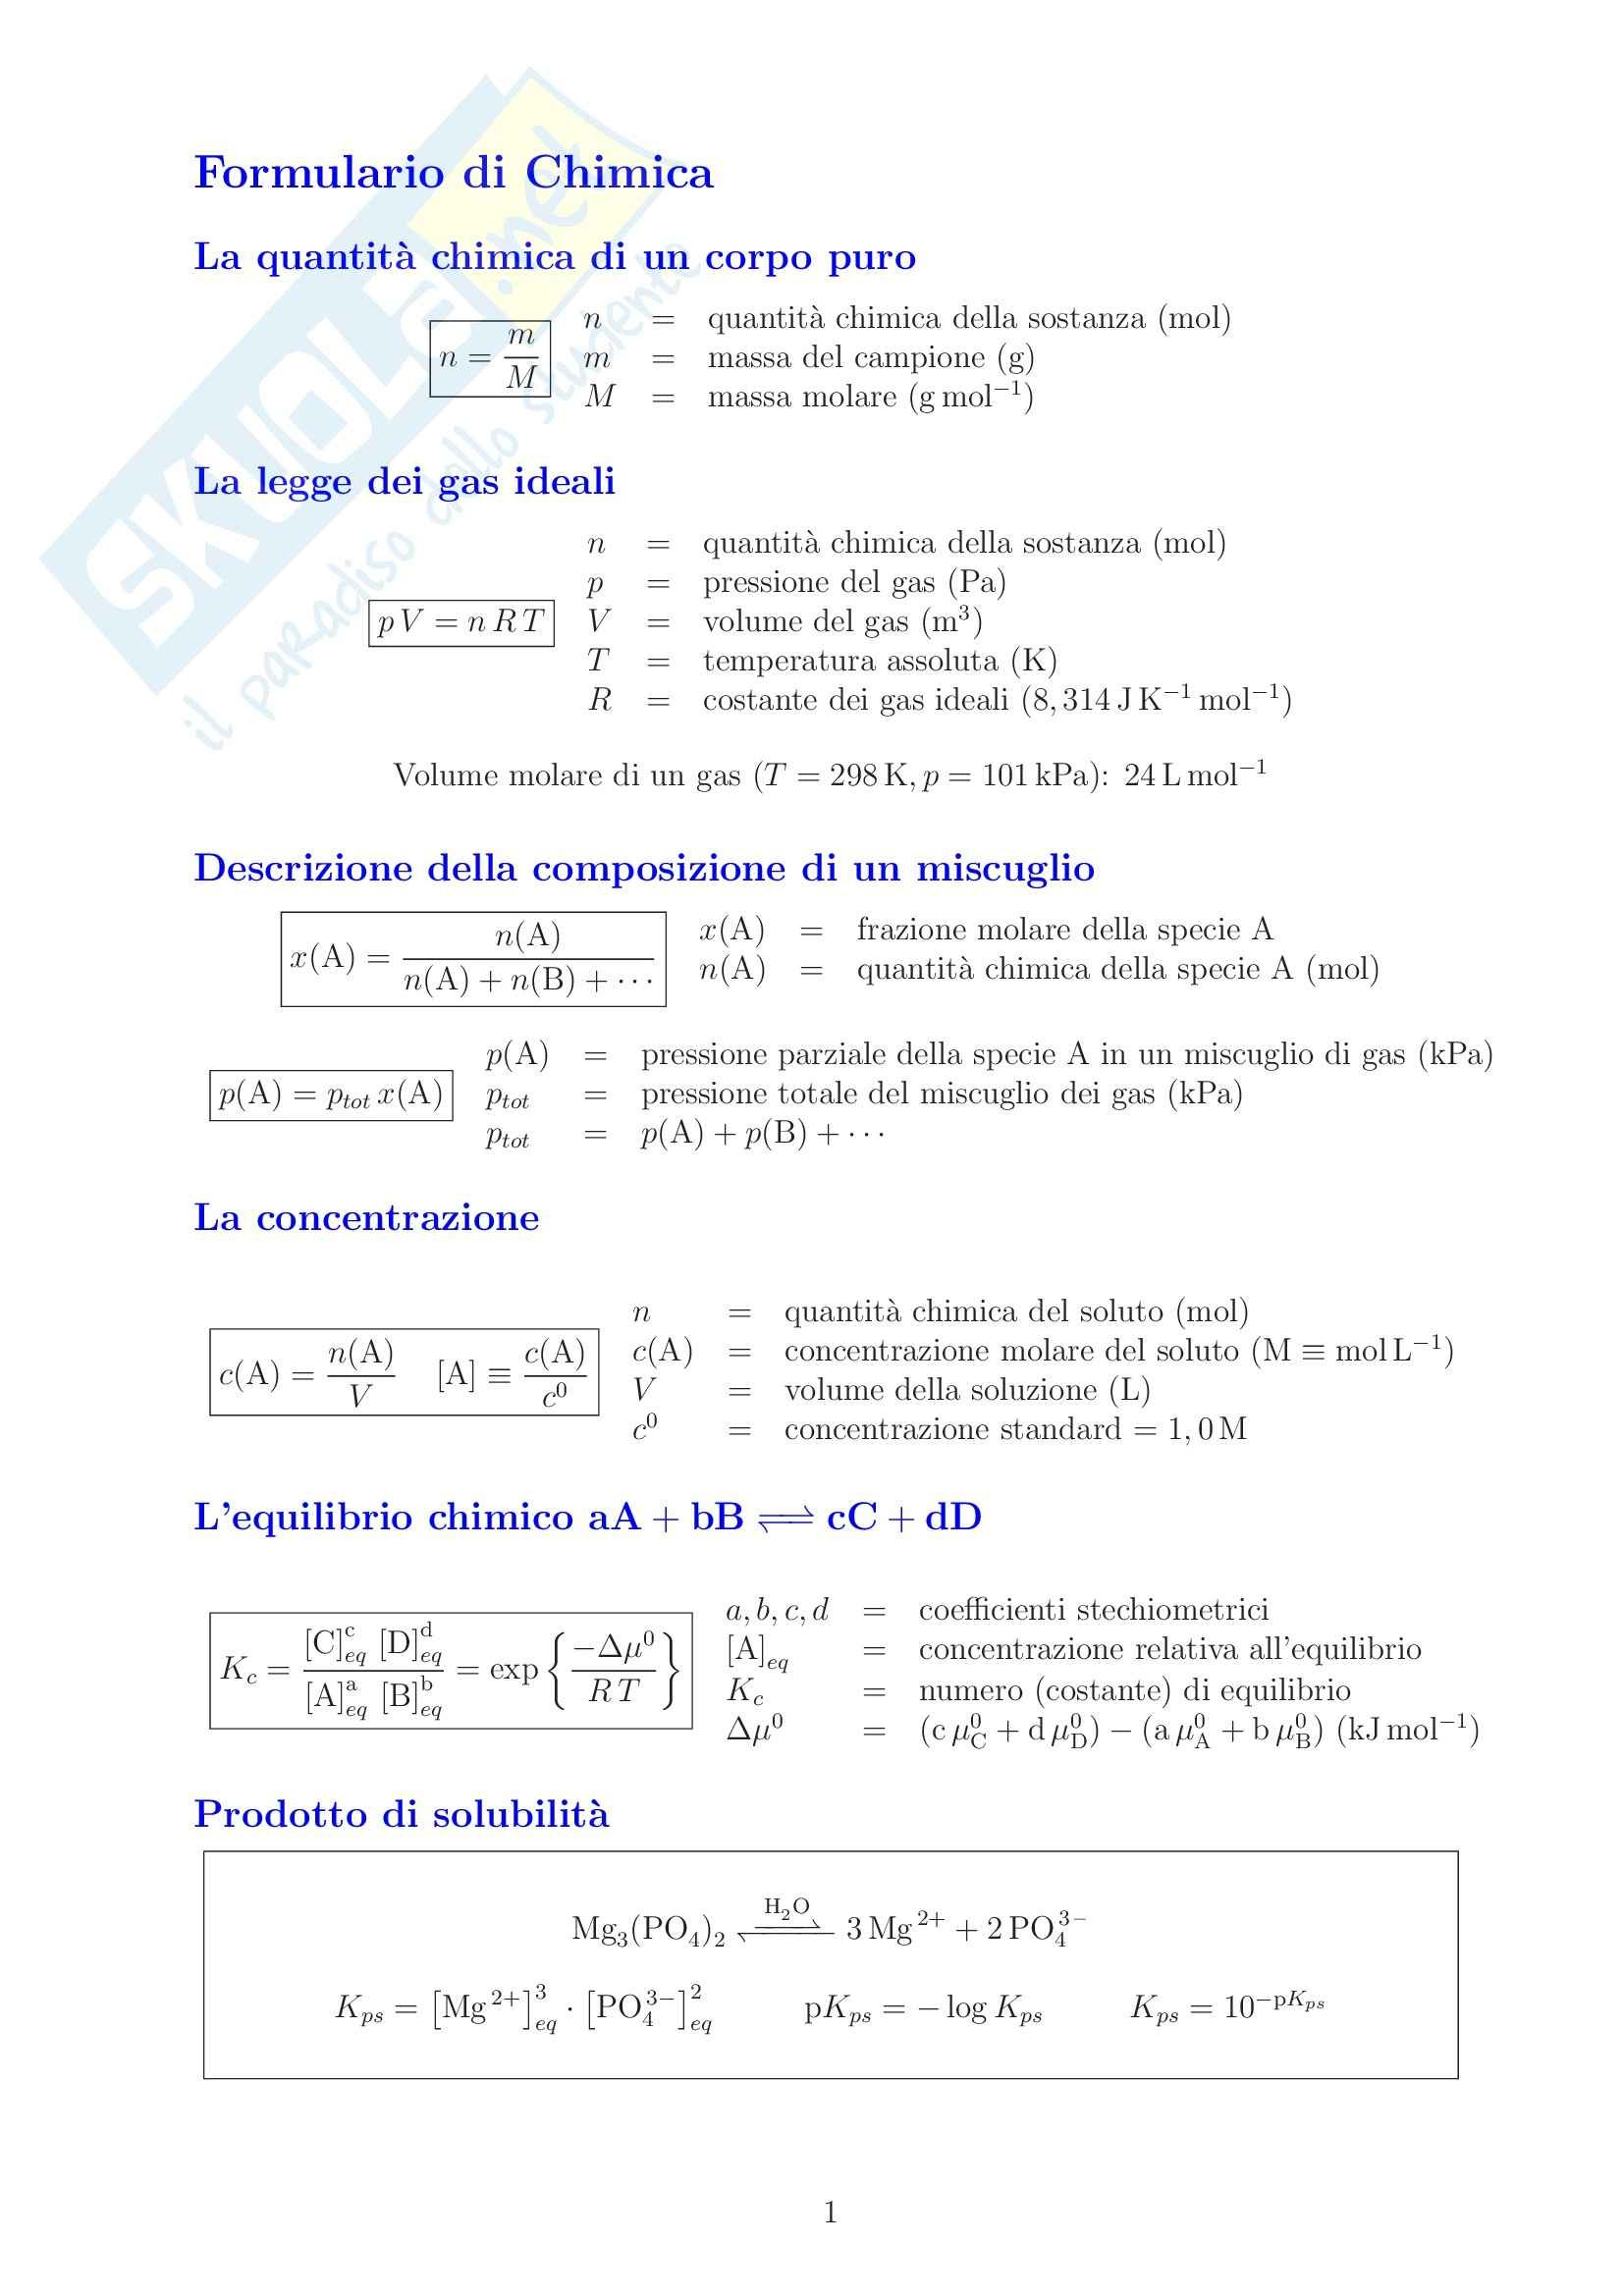 Chimica formulario Pag 1